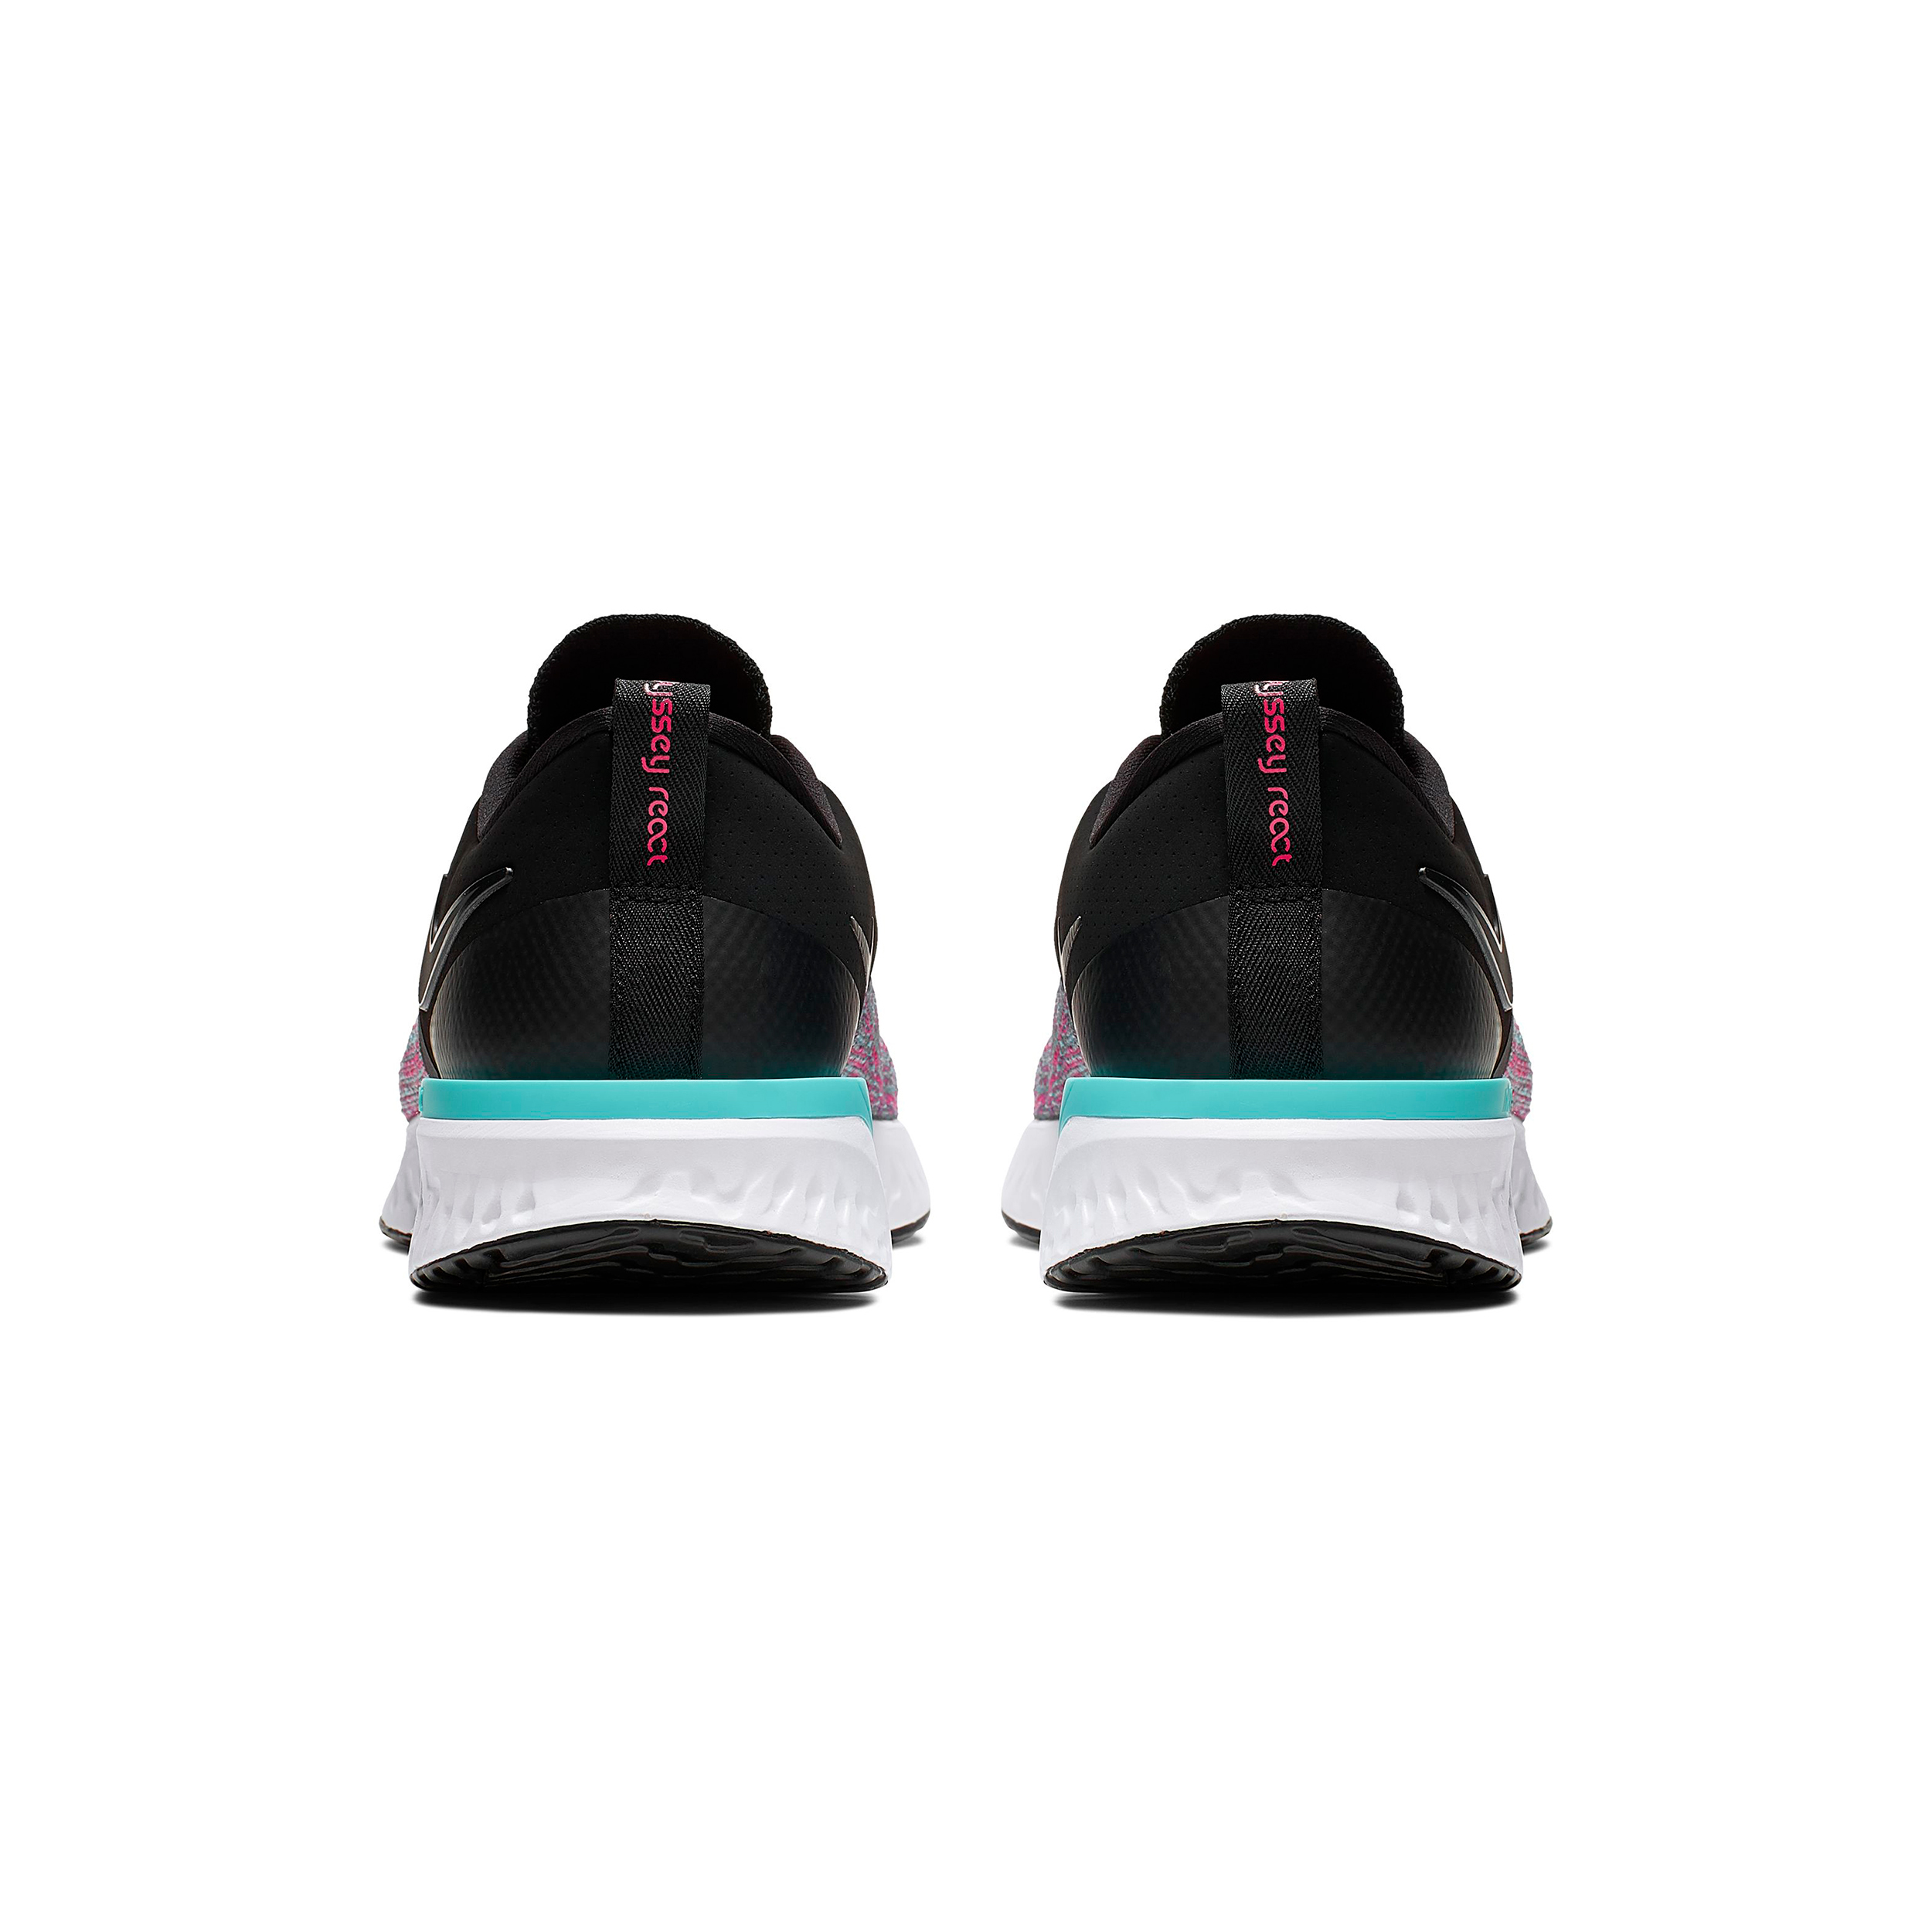 low priced 08fd3 2de66 Nike Odyssey React Flyknit 2 Road Running Shoes - Women s   MEC